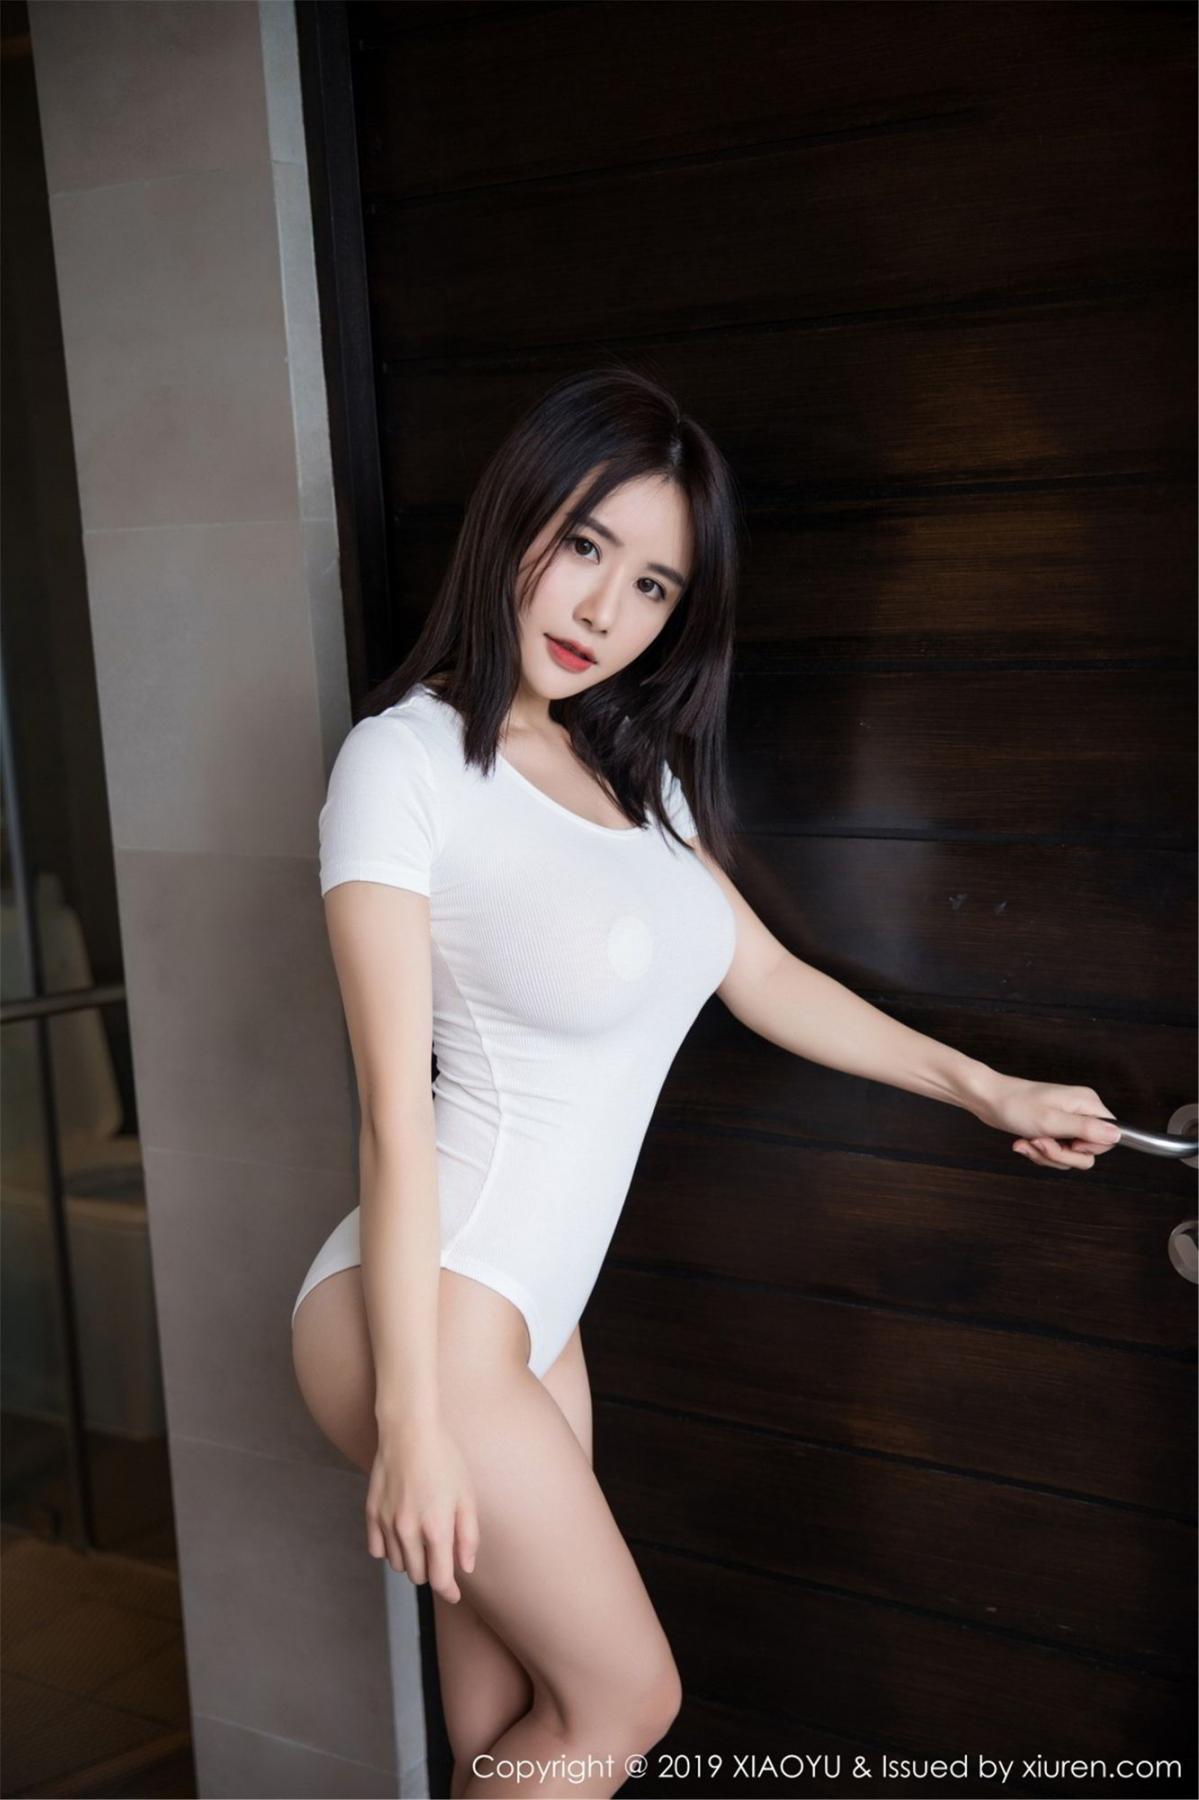 [XiaoYu] Vol.060 Xiao Mo Lin 4P, Bathroom, Lin Lin Ailin, Wet, XiaoYu